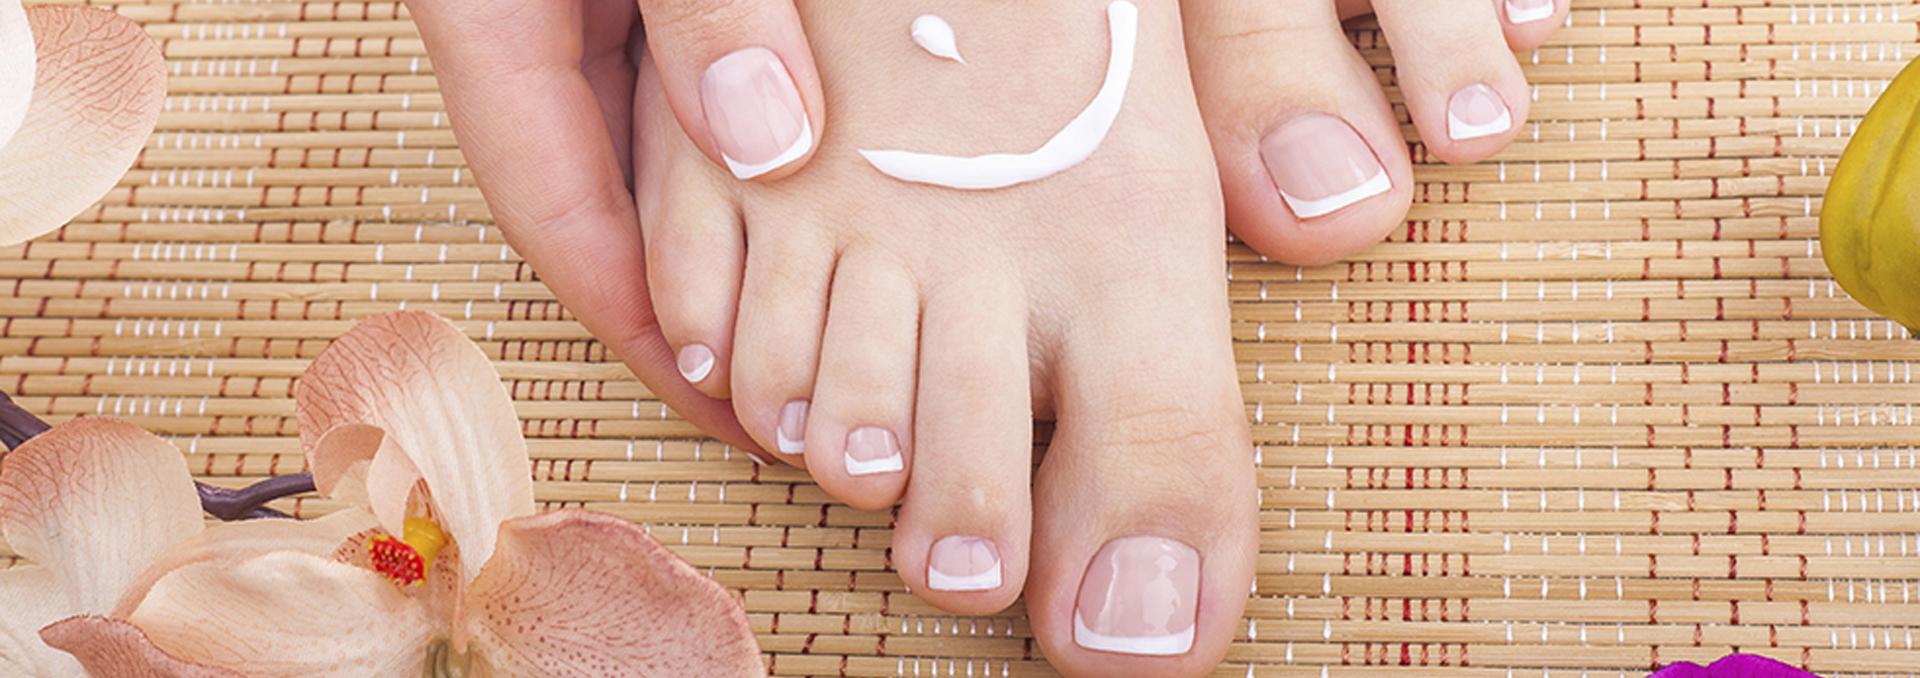 Elite Nails Spa Nail Salon In Metairie La 70001